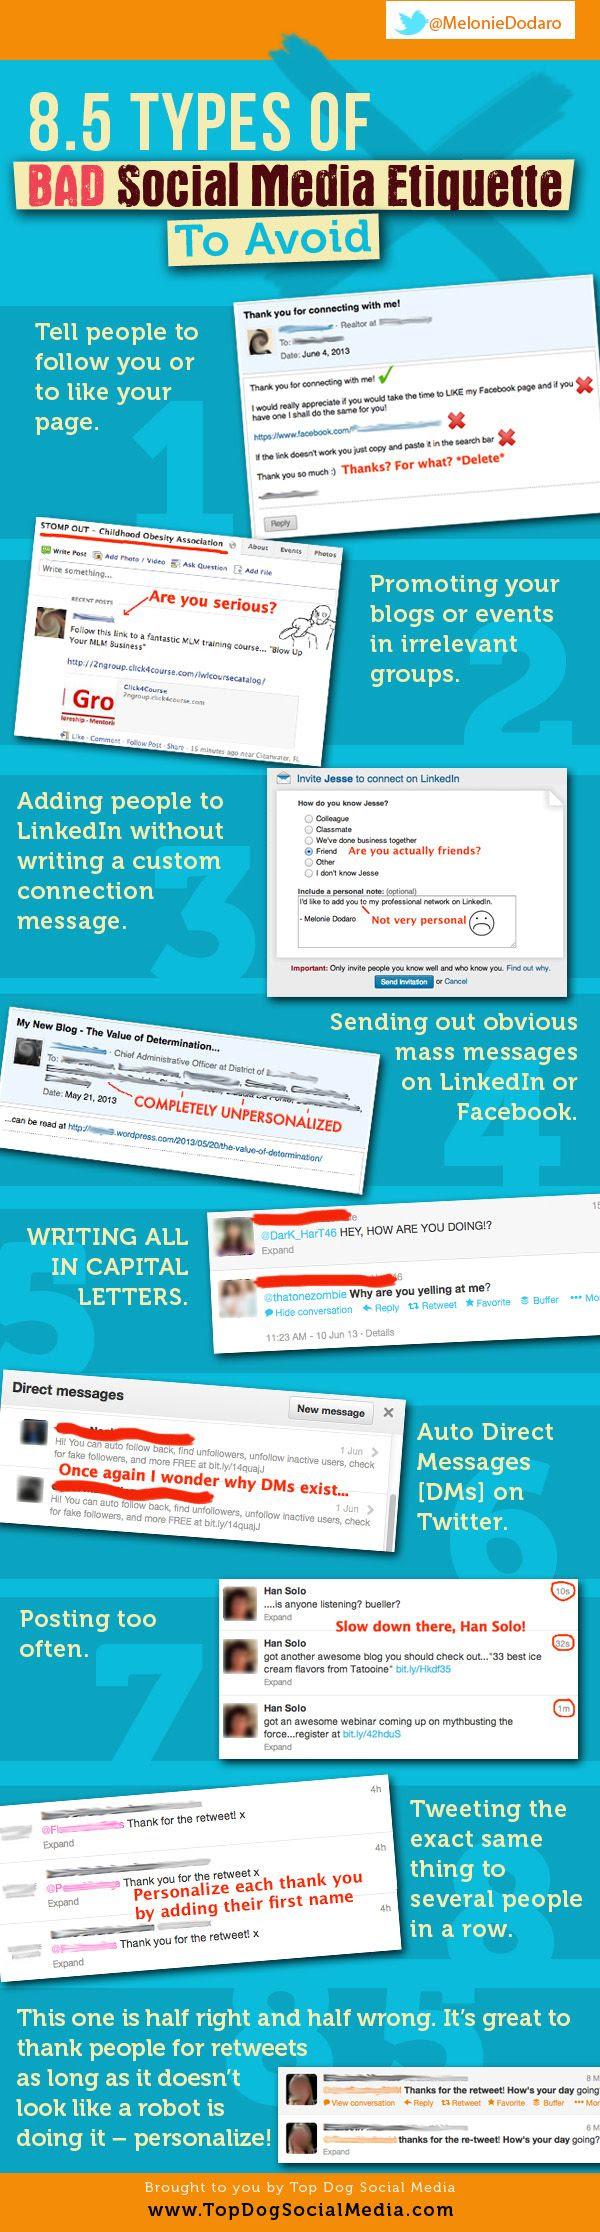 8.5 Bad types of Social Media